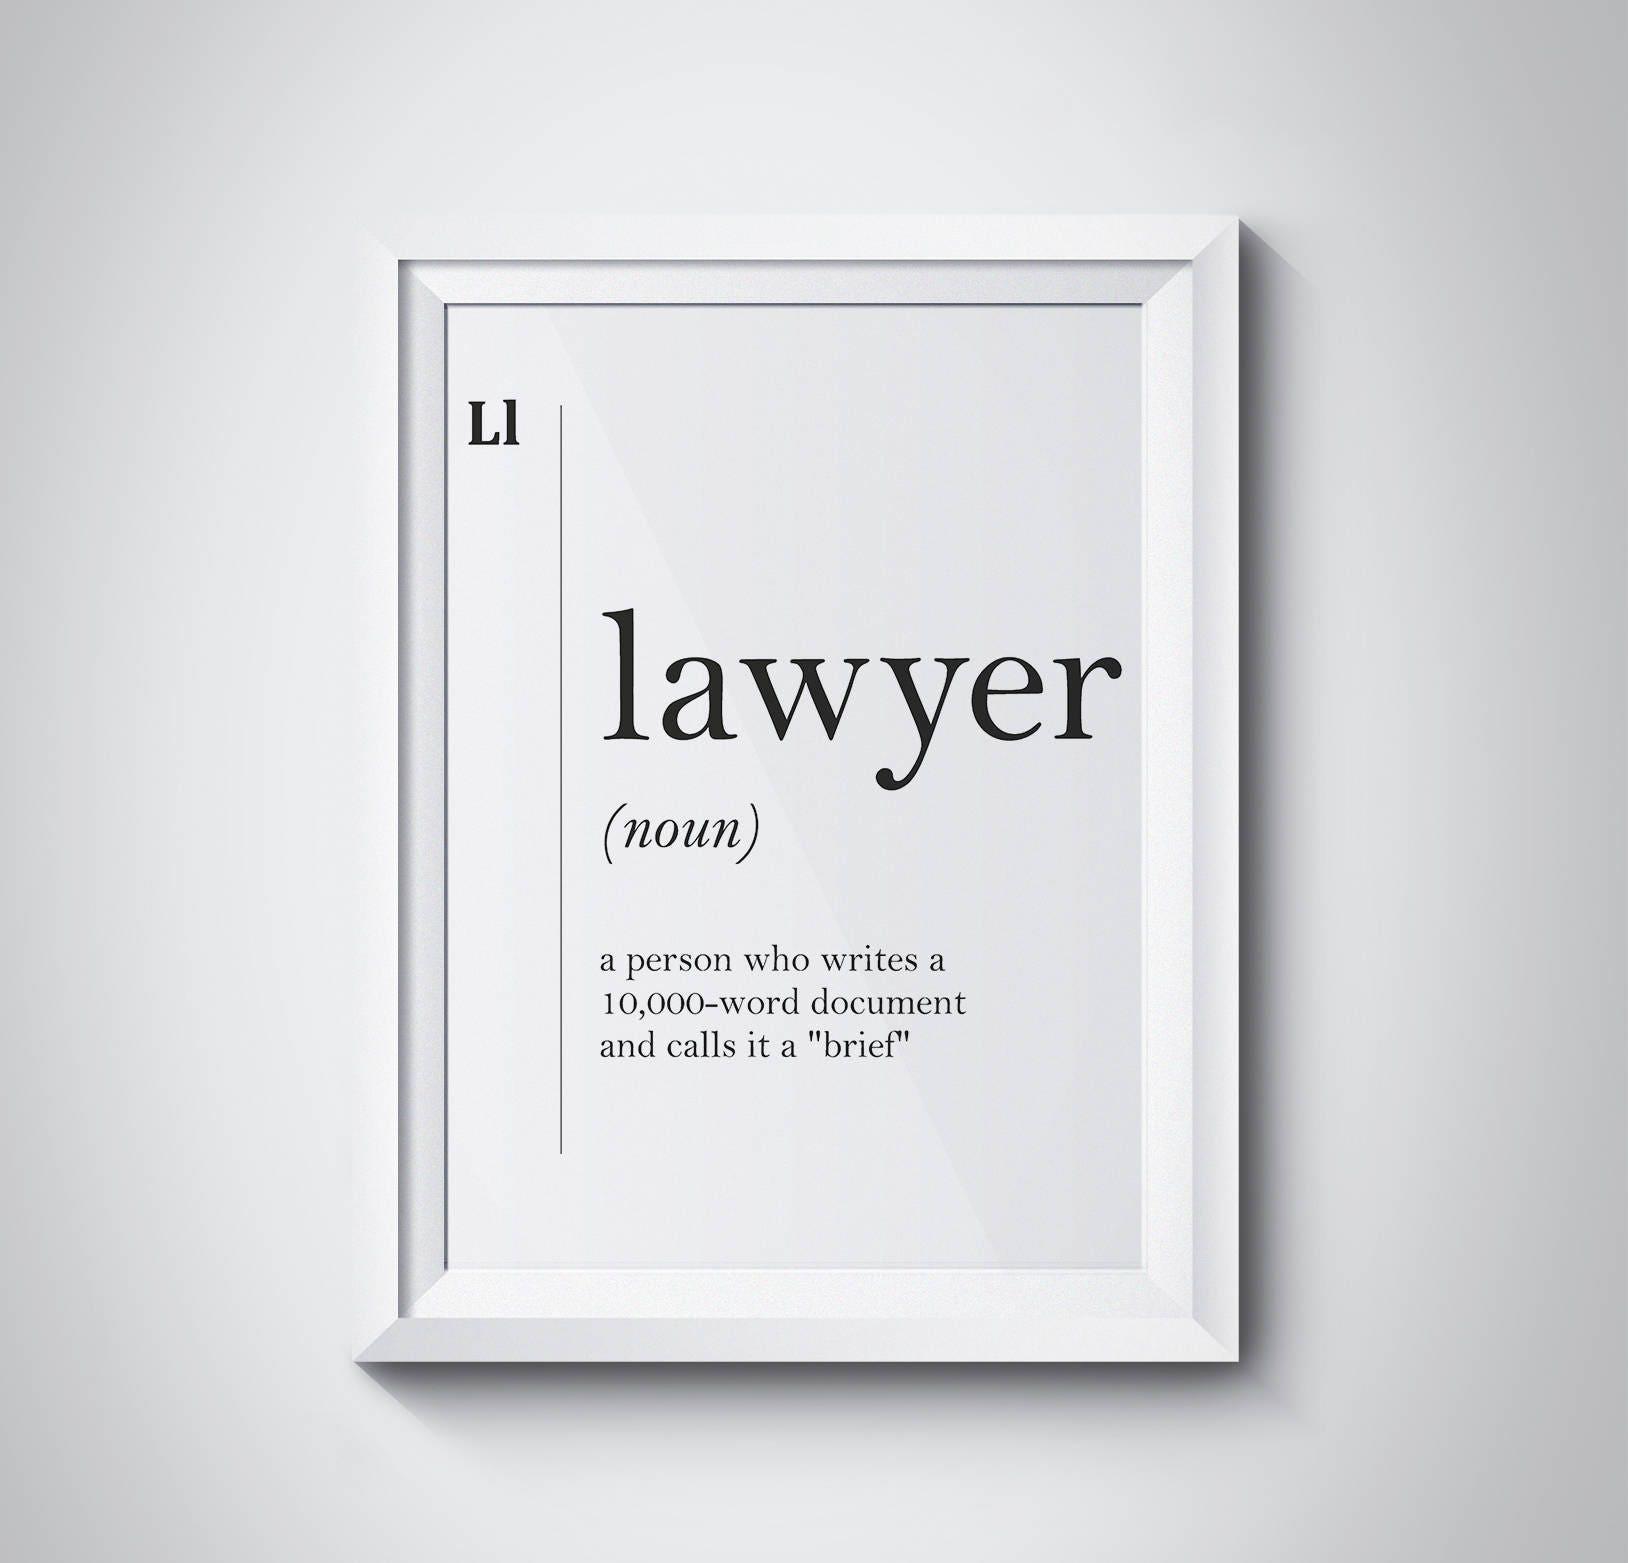 Rechtsanwalt Definition Anwalt lustige Anwalt Poster